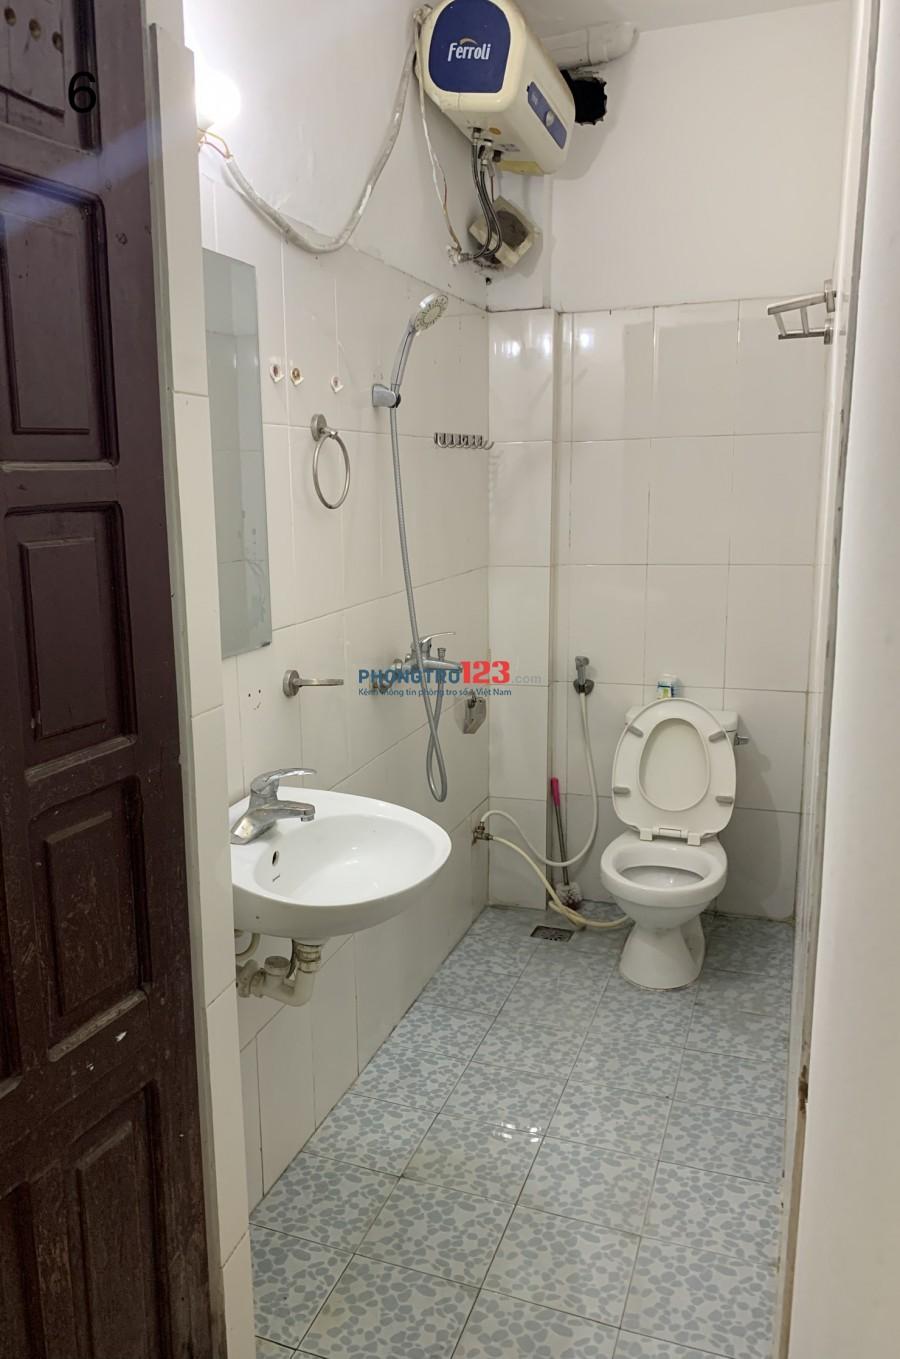 Cho thuê nhà trọ riêng Phú Đô. Sdt liên hệ: 0987800232 or 0979114054